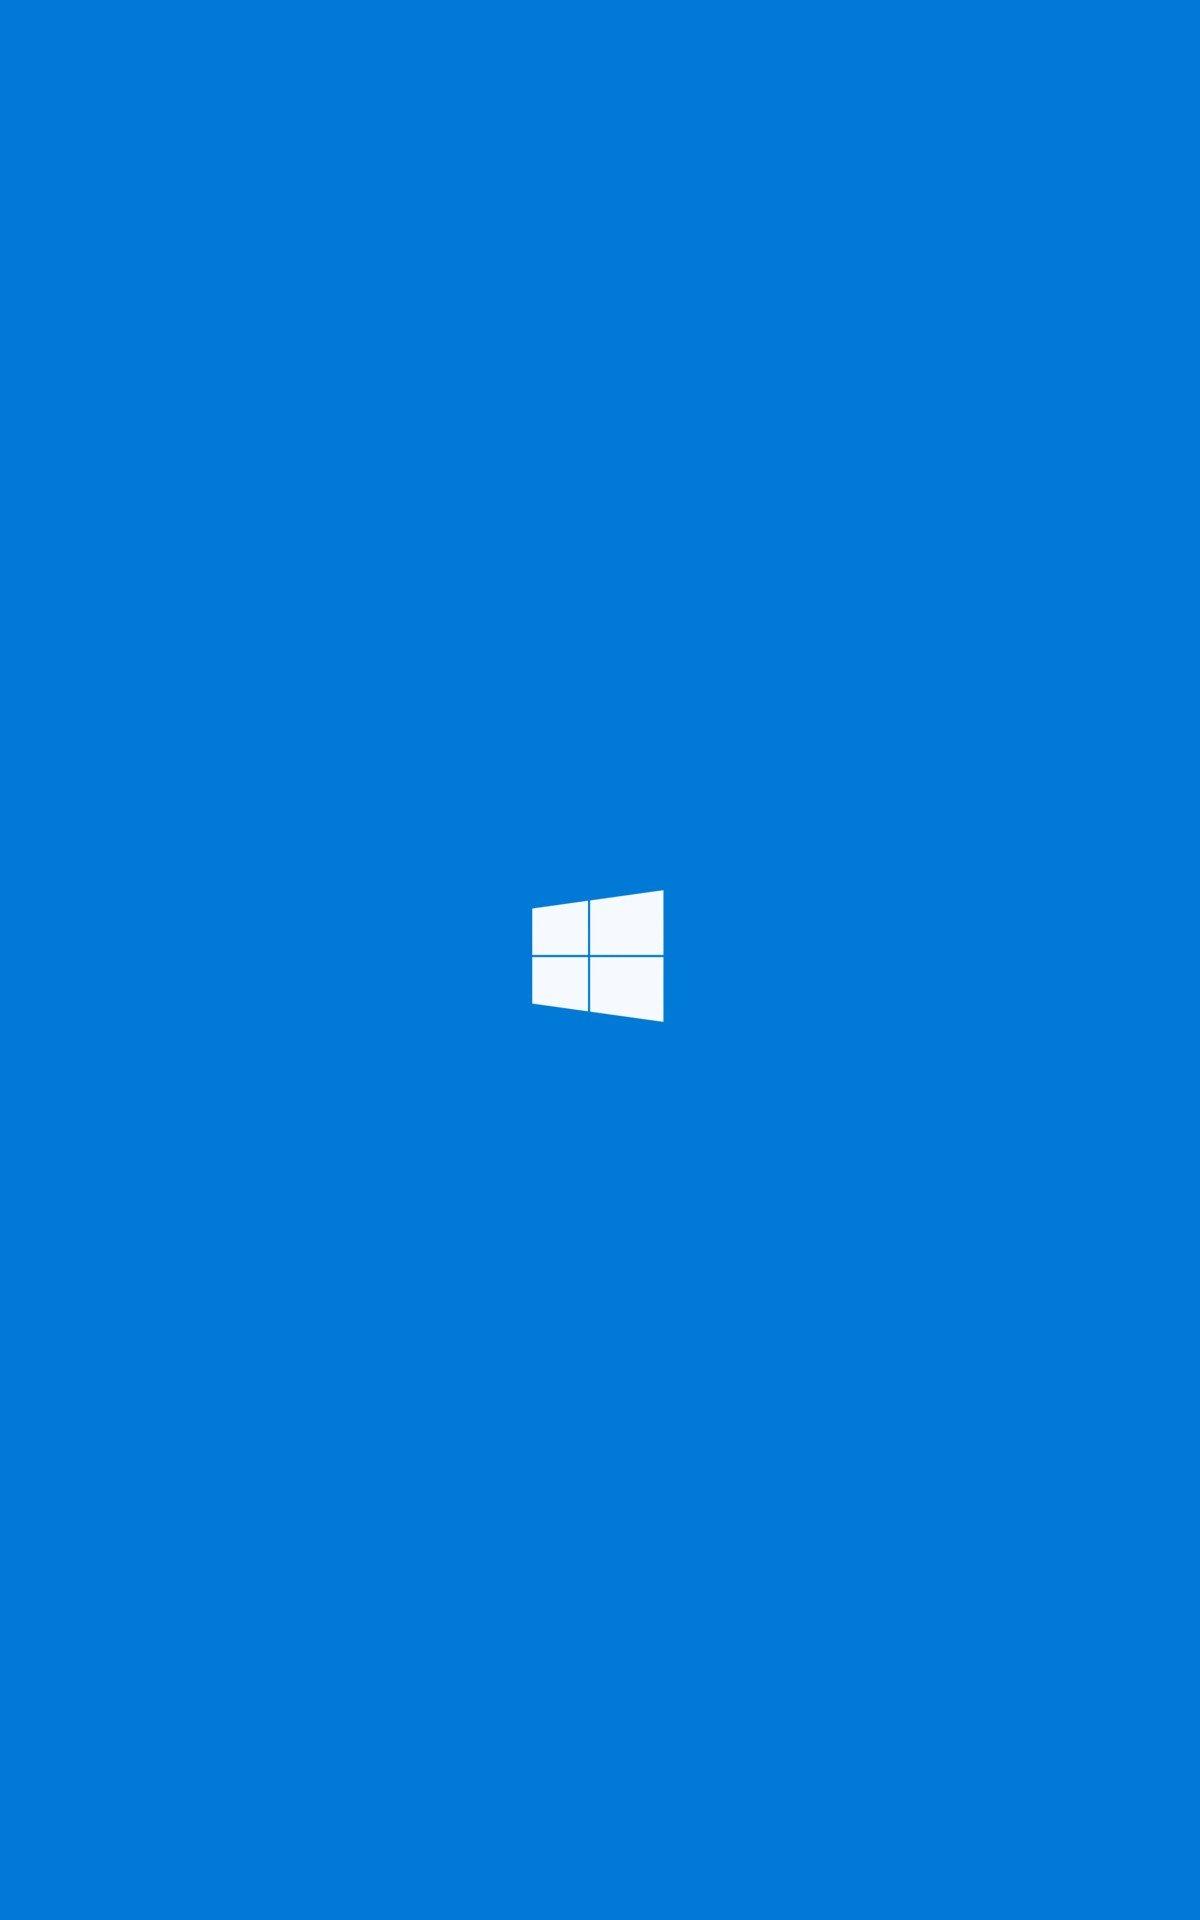 Fond D'ecran Windows 10 : d'ecran, windows, Windows, Portrait, D'écran, 748x1197, WallpaperTip